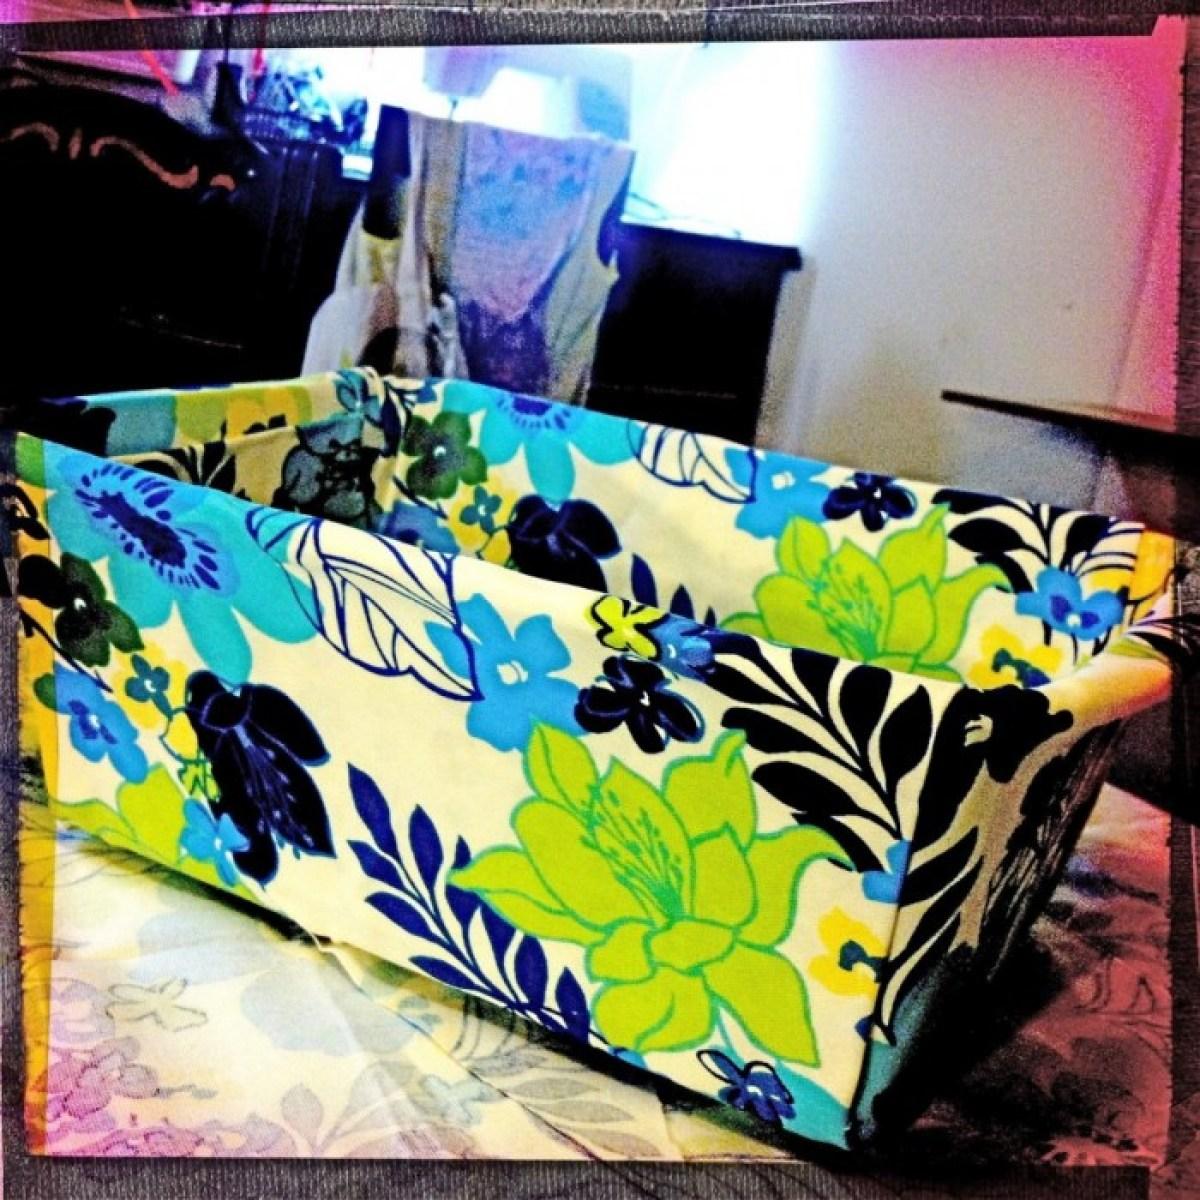 IMG 4043 1 DIY แปลงโฉมตะกร้าพลาสติก เป็นตะกร้าผ้าสุดสวย